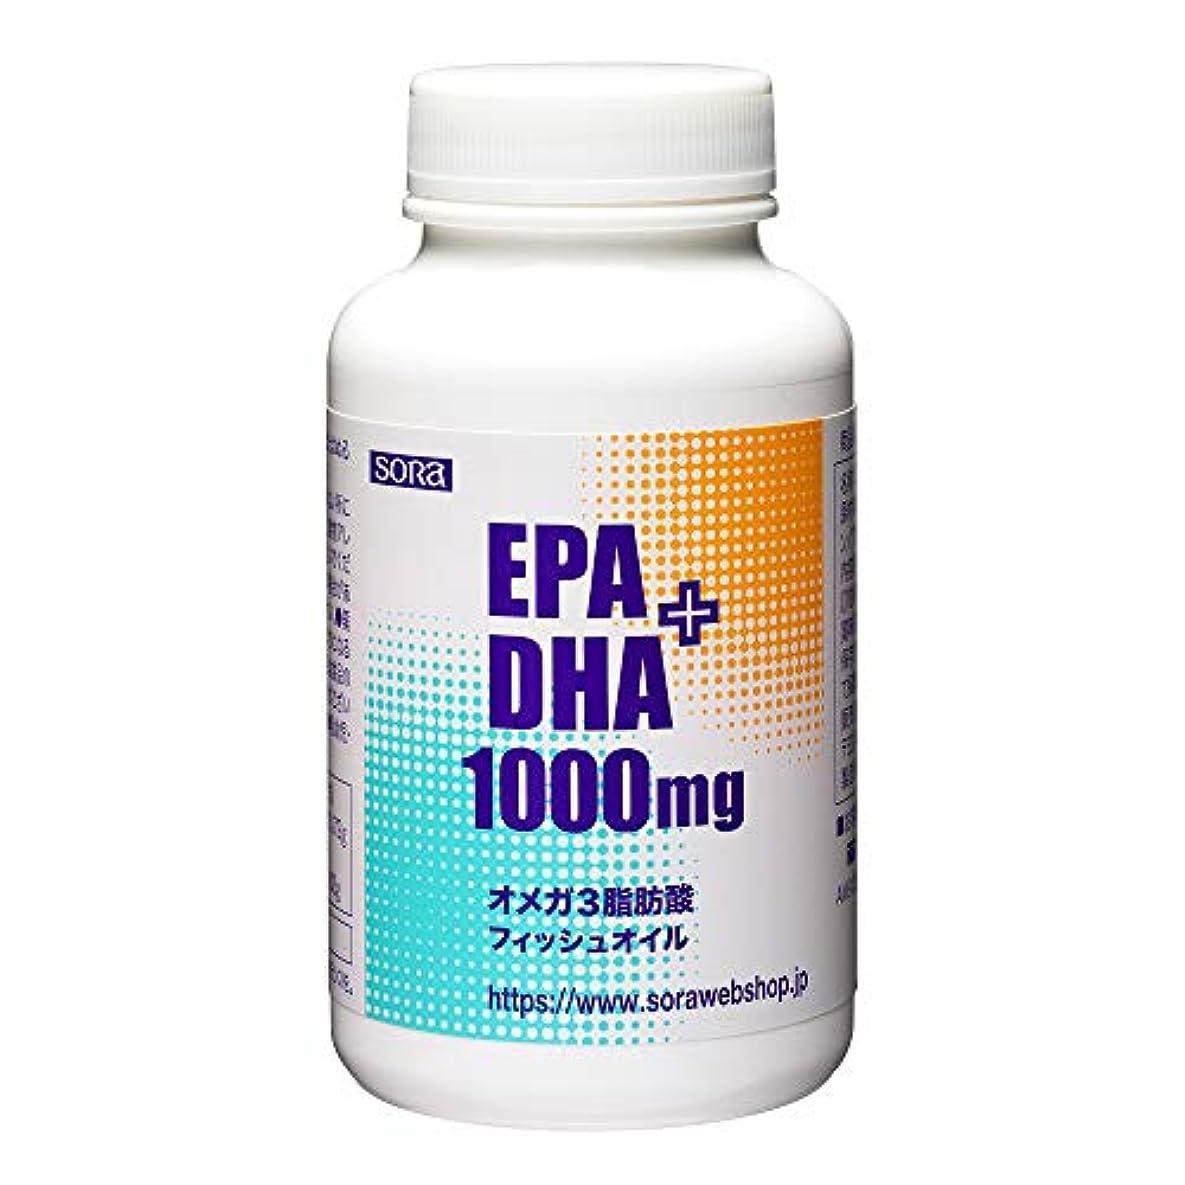 使用法保証する軍隊そら EPA+DHA 1000mg (魚のオイル オメガ3 180粒入)【リニューアル品】